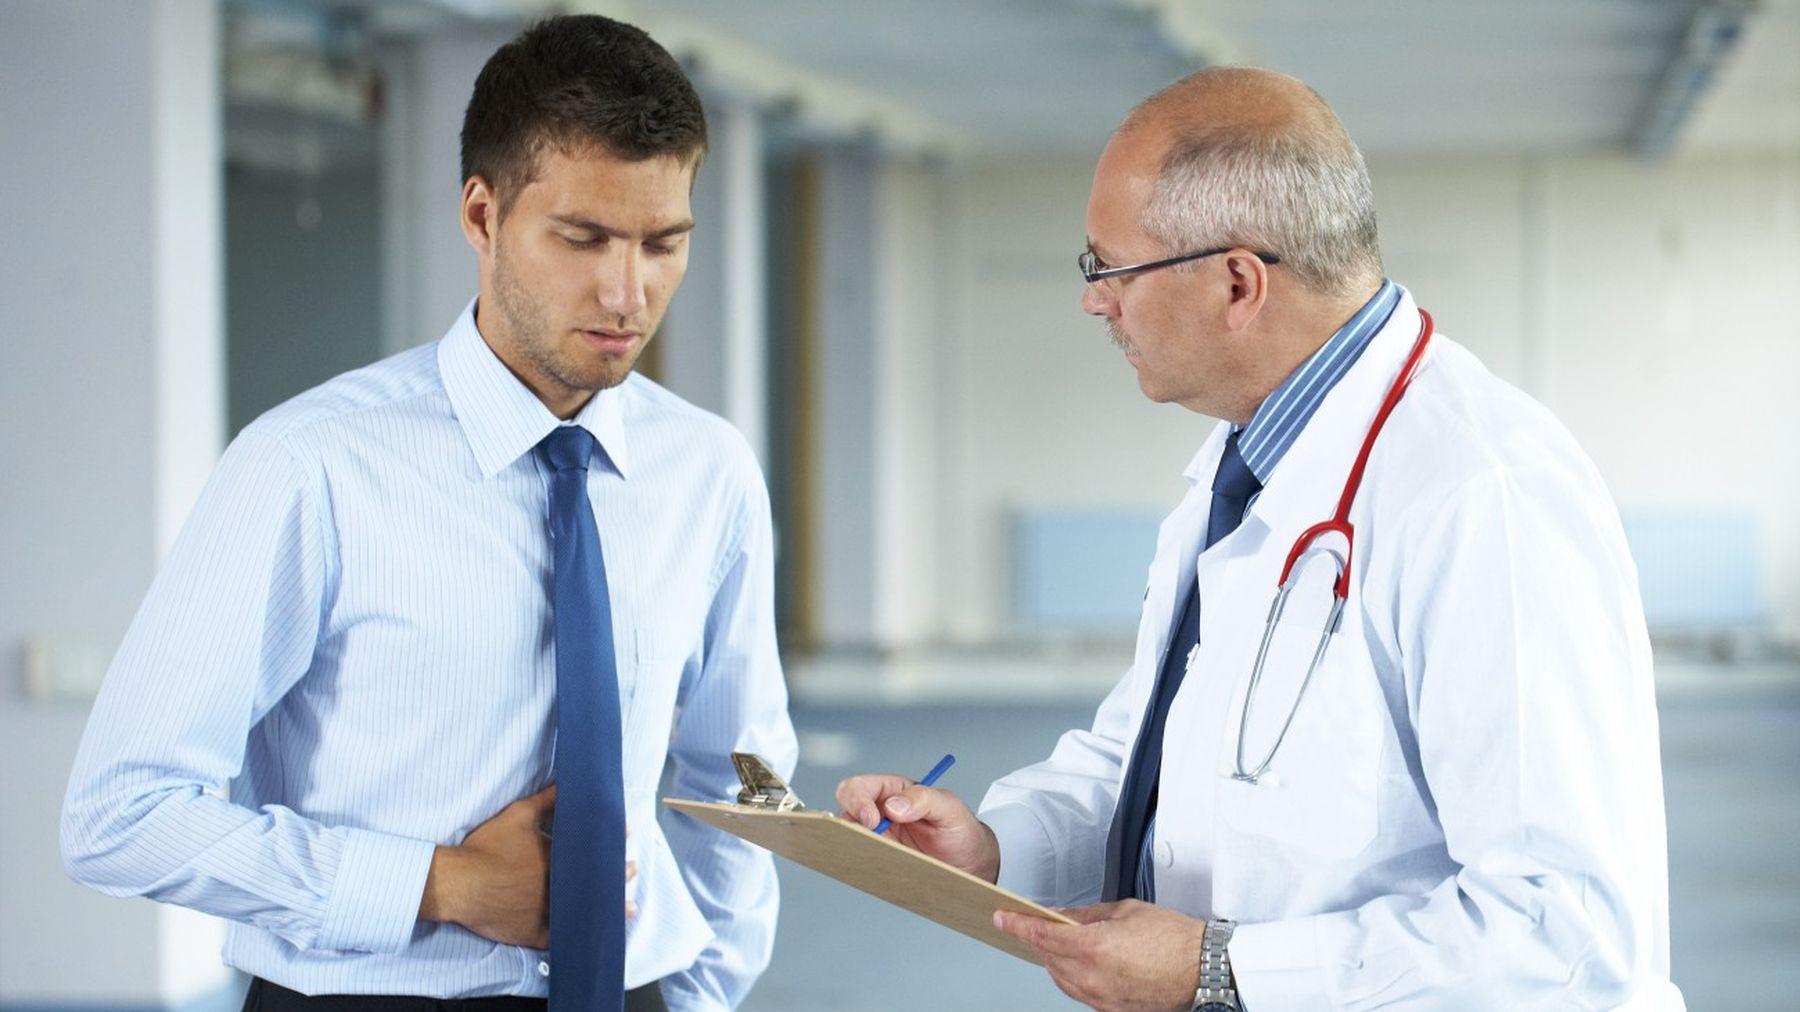 Мазок на ЗППП – назначение, а также процедура анализа у мужчин и женщин